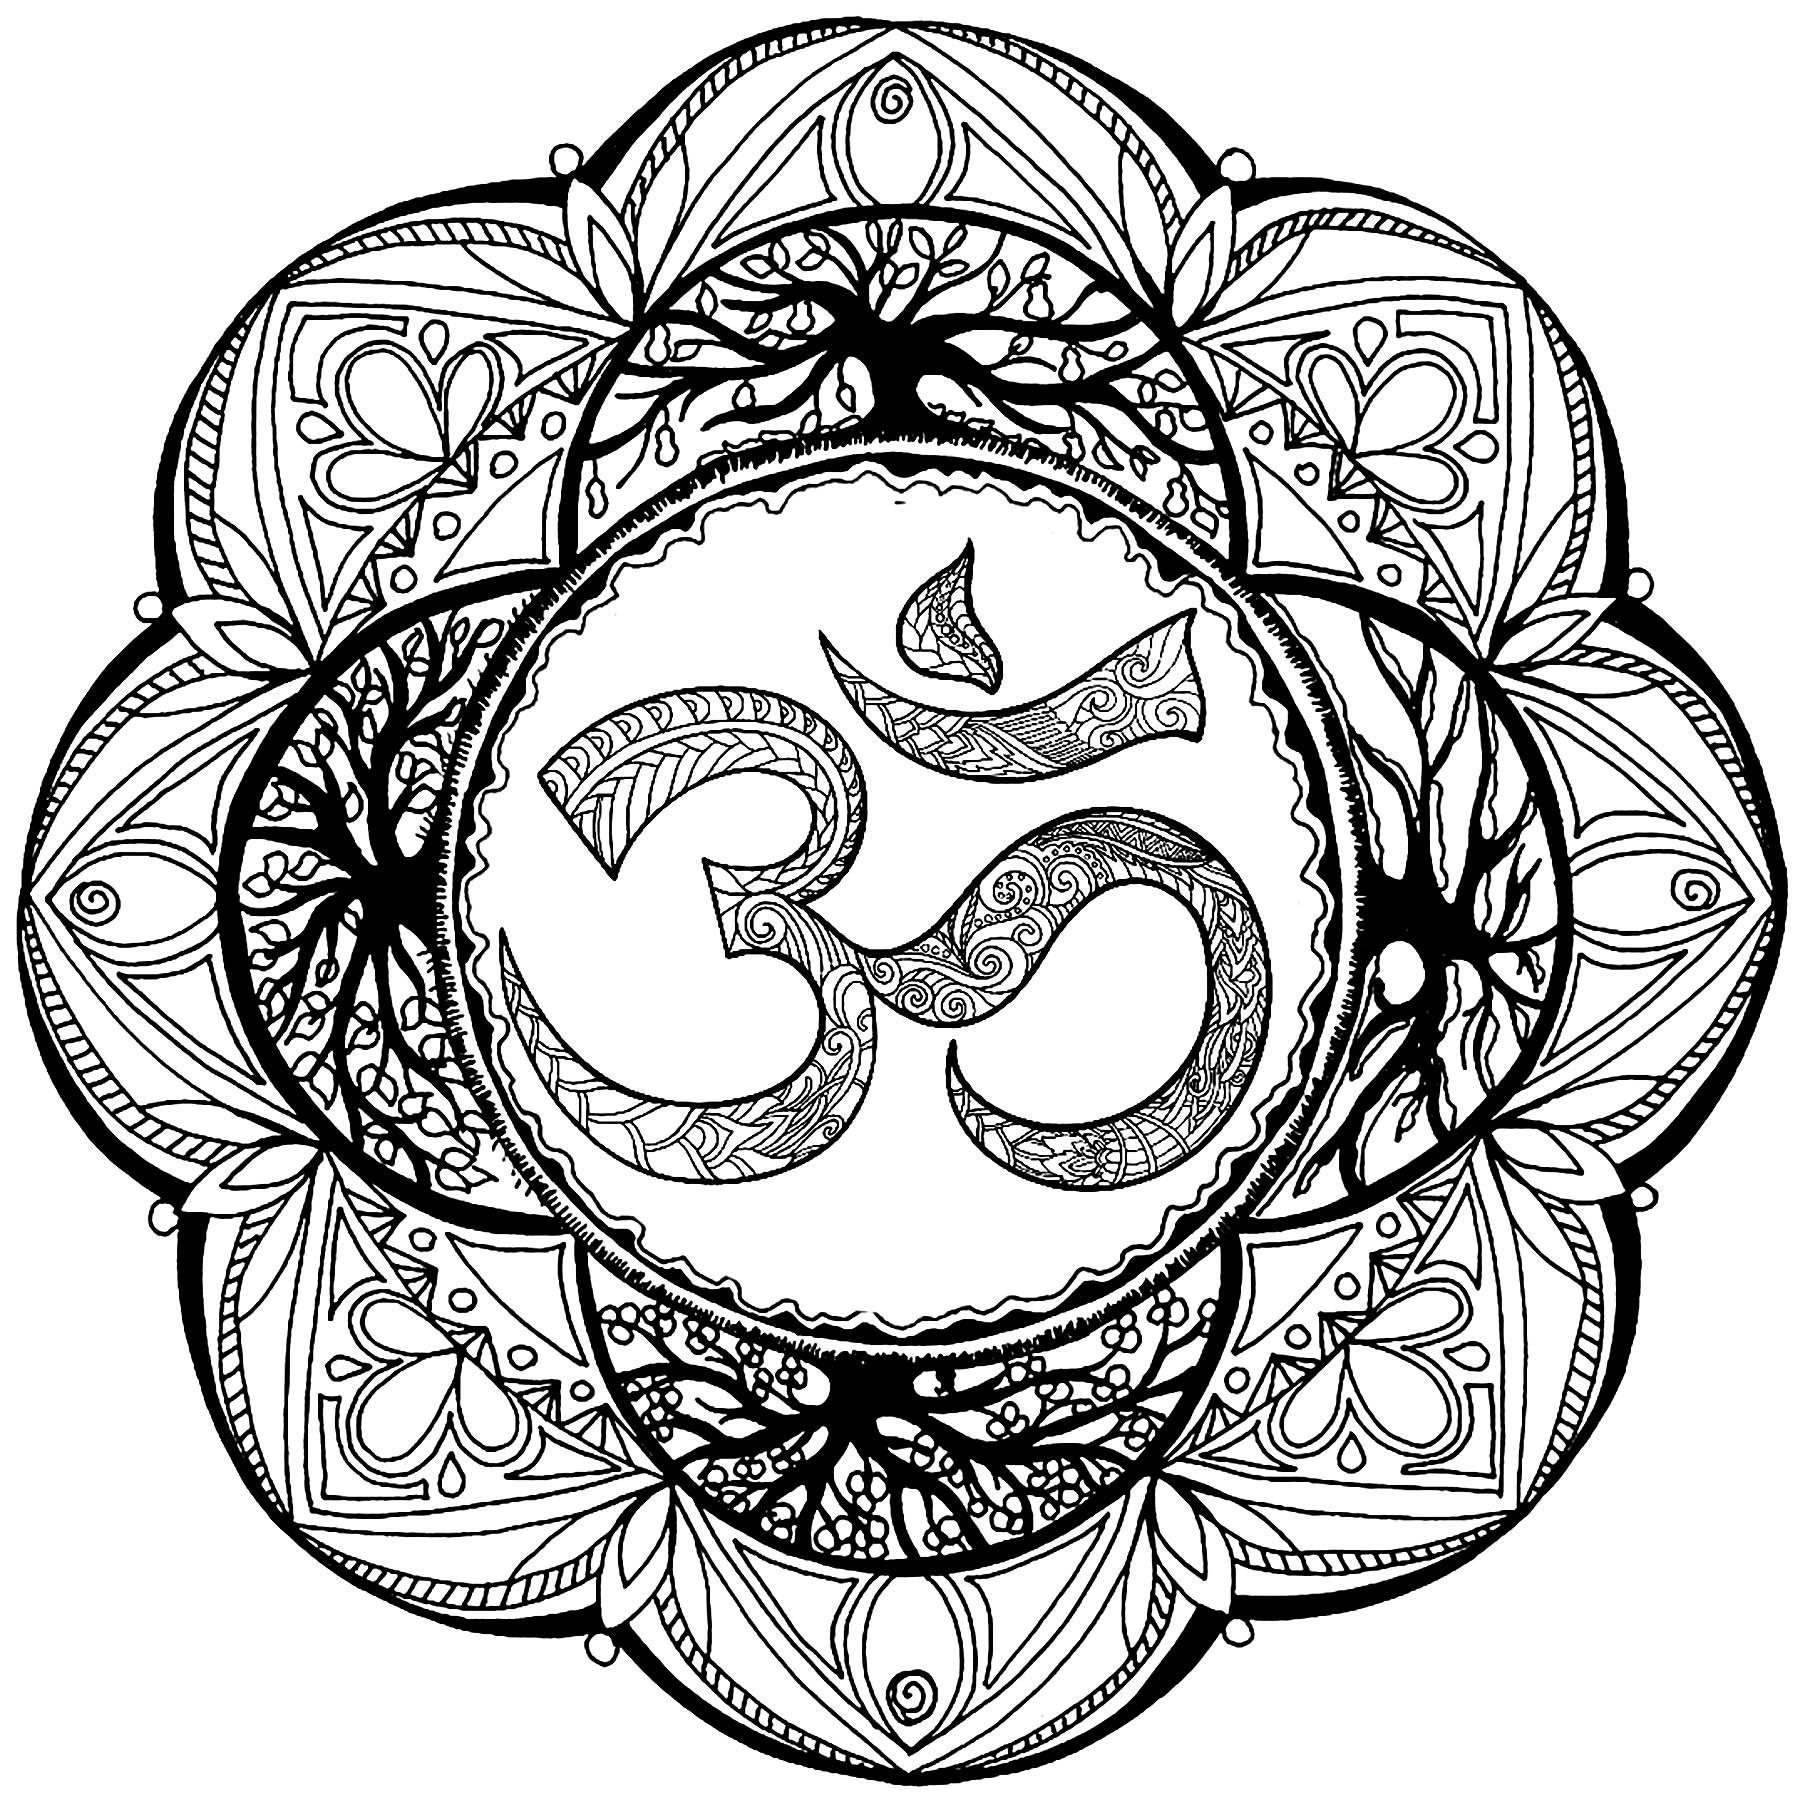 Mandala avec nombreux détails et le symbole Om en son centre